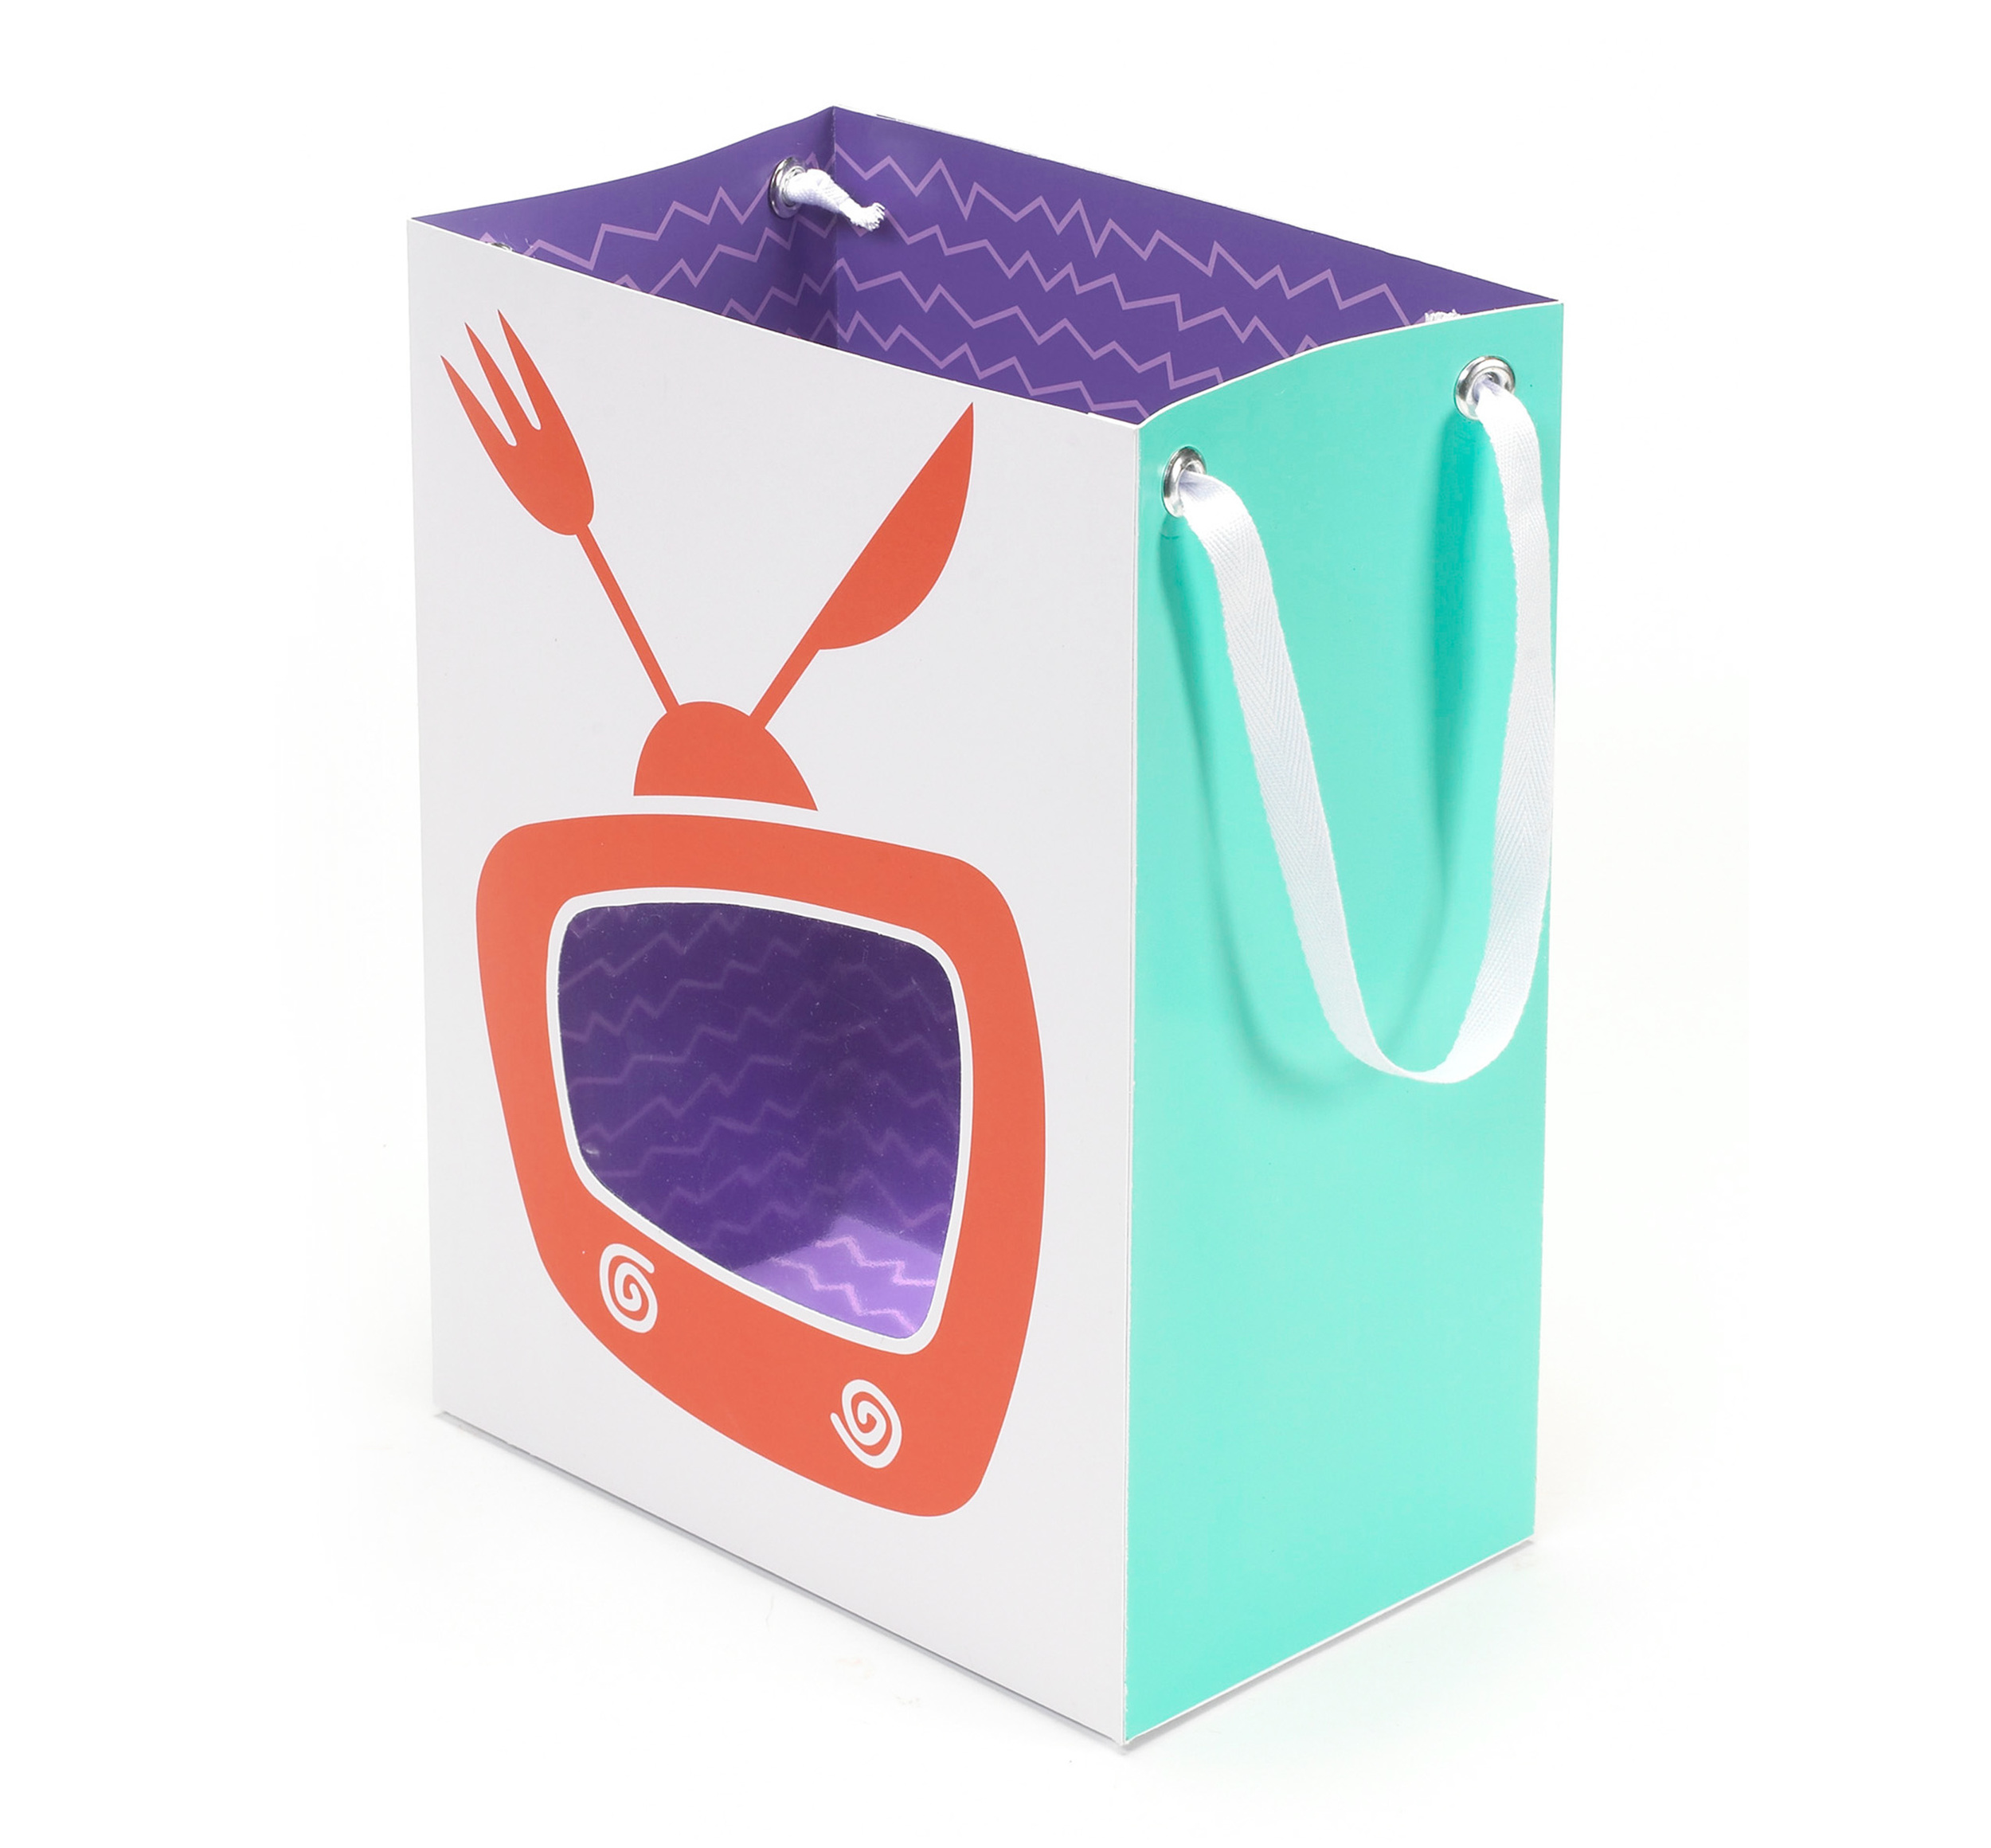 TV_Diner_bag_0001_2.jpg